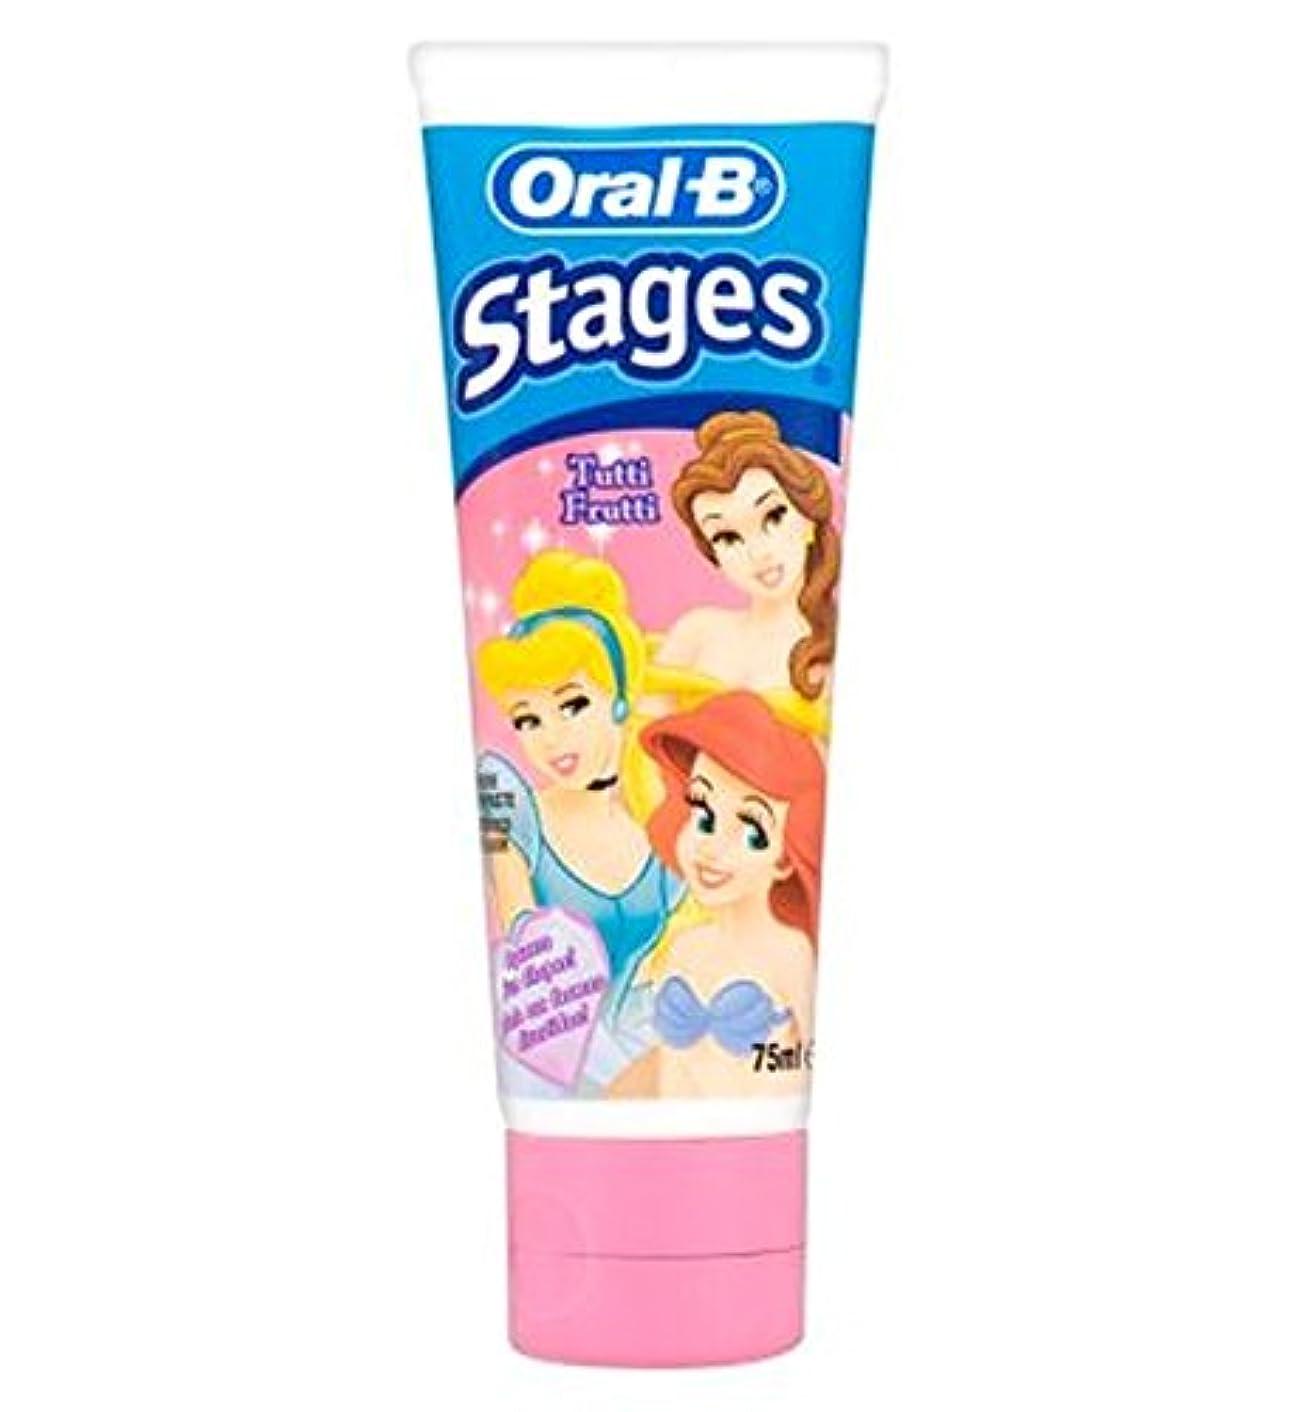 検出可能ピアノスチュワーデスOral-B Stages Toothpaste 75ml - オーラルBは、歯磨き粉の75ミリリットルをステージ (Oral B) [並行輸入品]